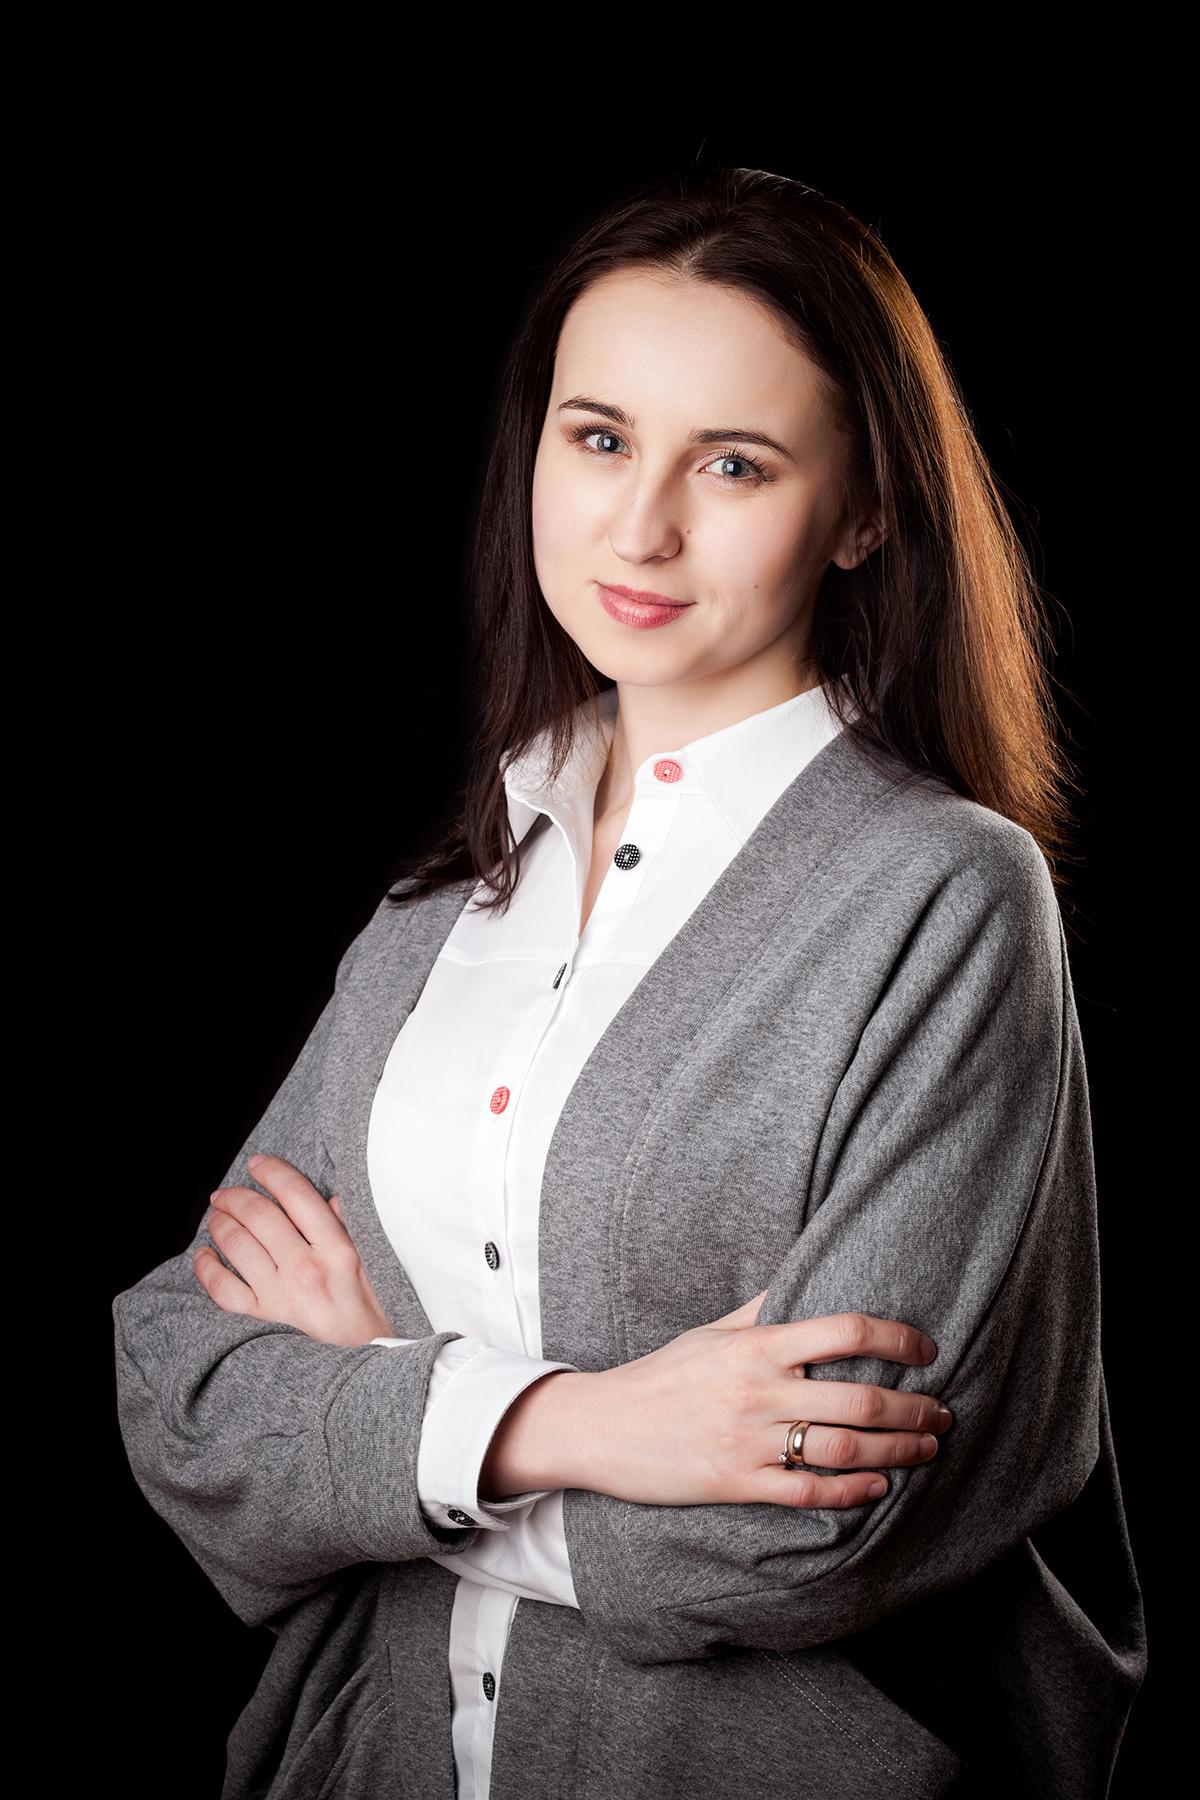 fotografia korporacyjna bielsko 2 Portret biznesowy Bielsko